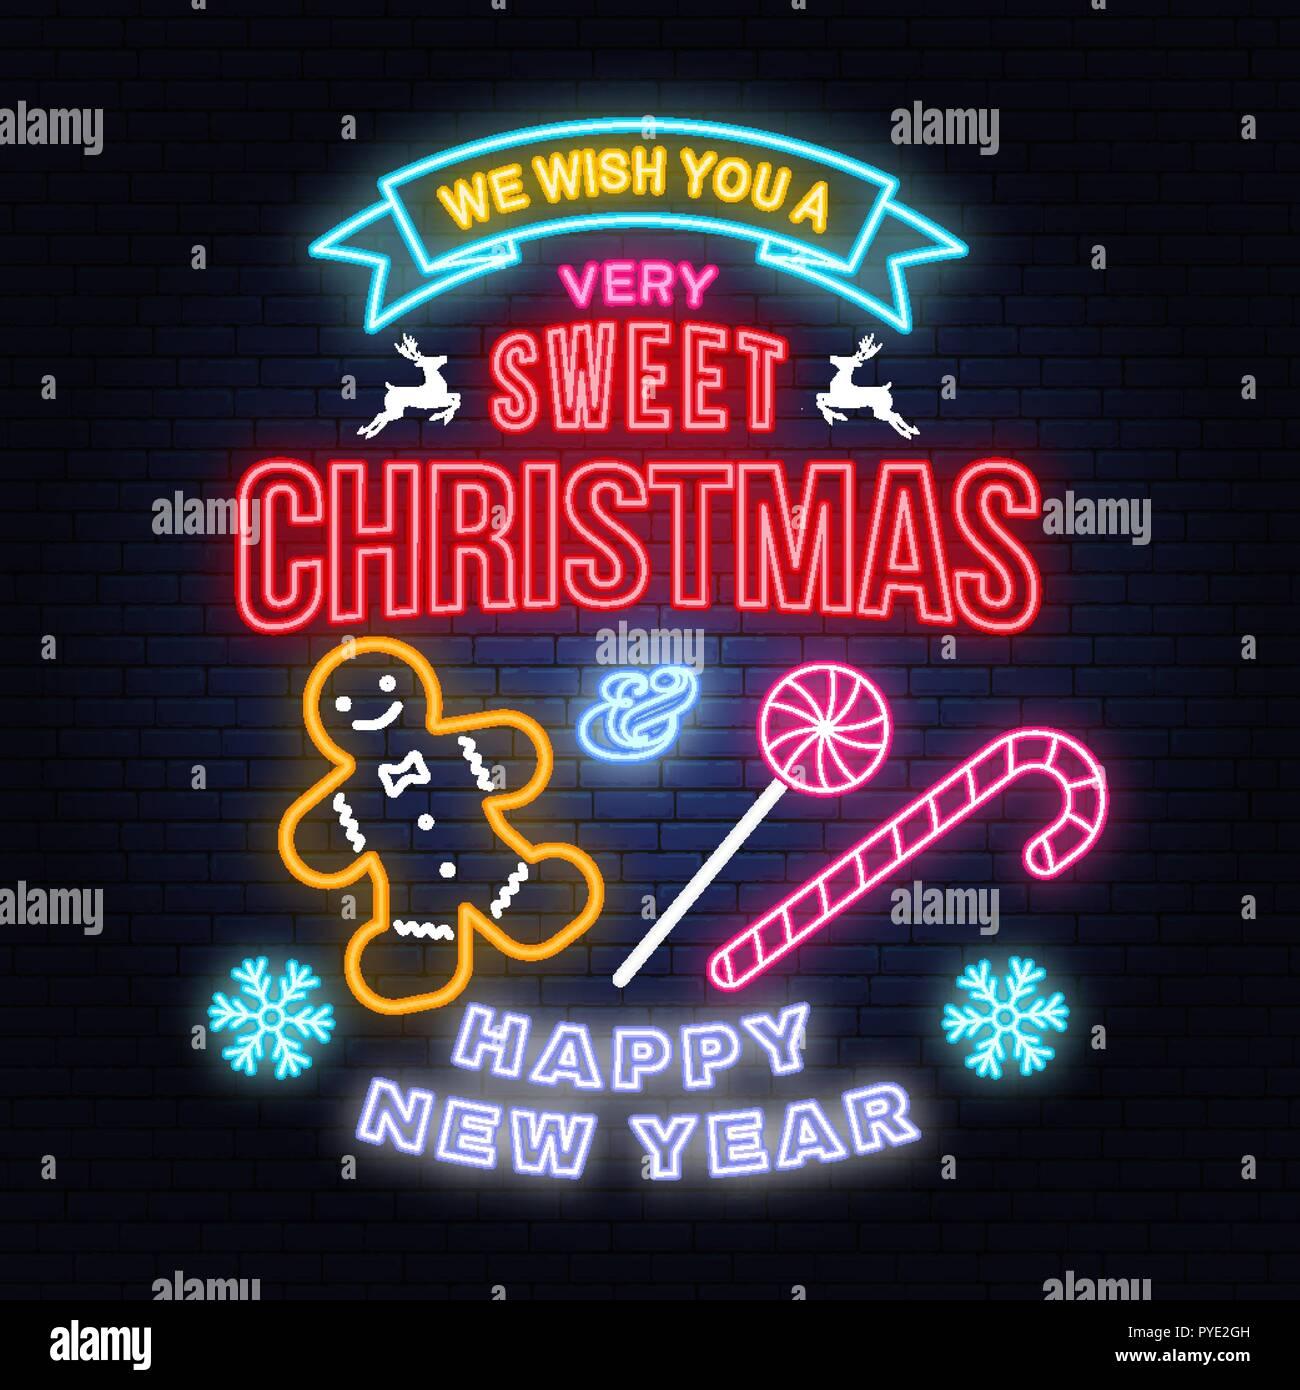 Wir wünschen Ihnen eine sehr süße Weihnachten und ein glückliches ...